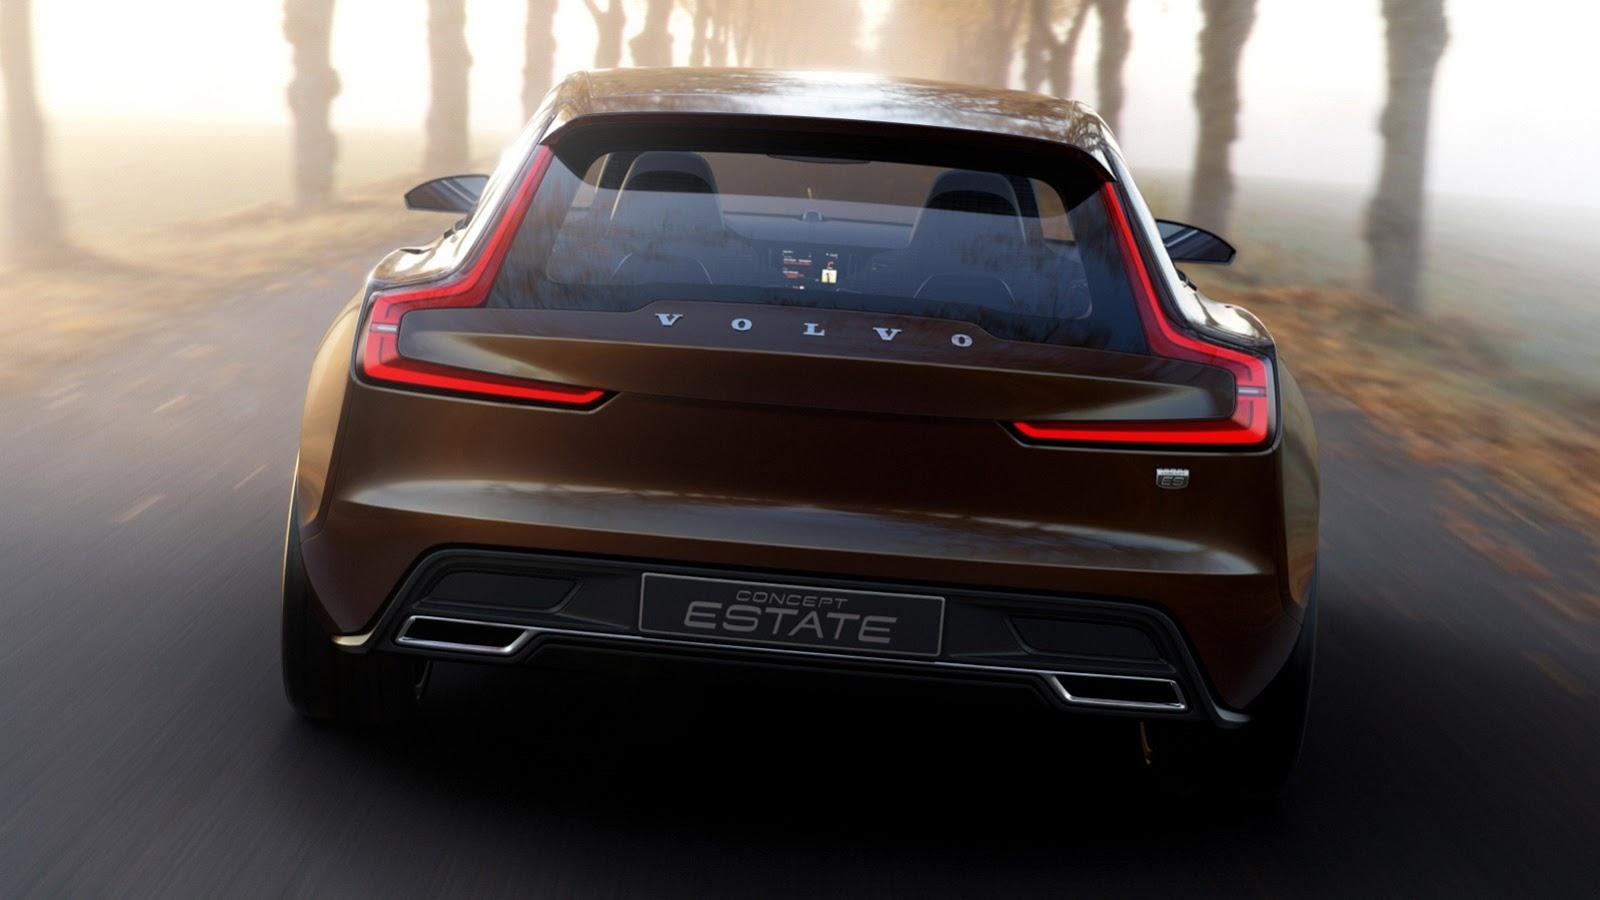 В 2018 году шведы выпустят модель V90 в стиле женевского концепта Estate. Фото 1